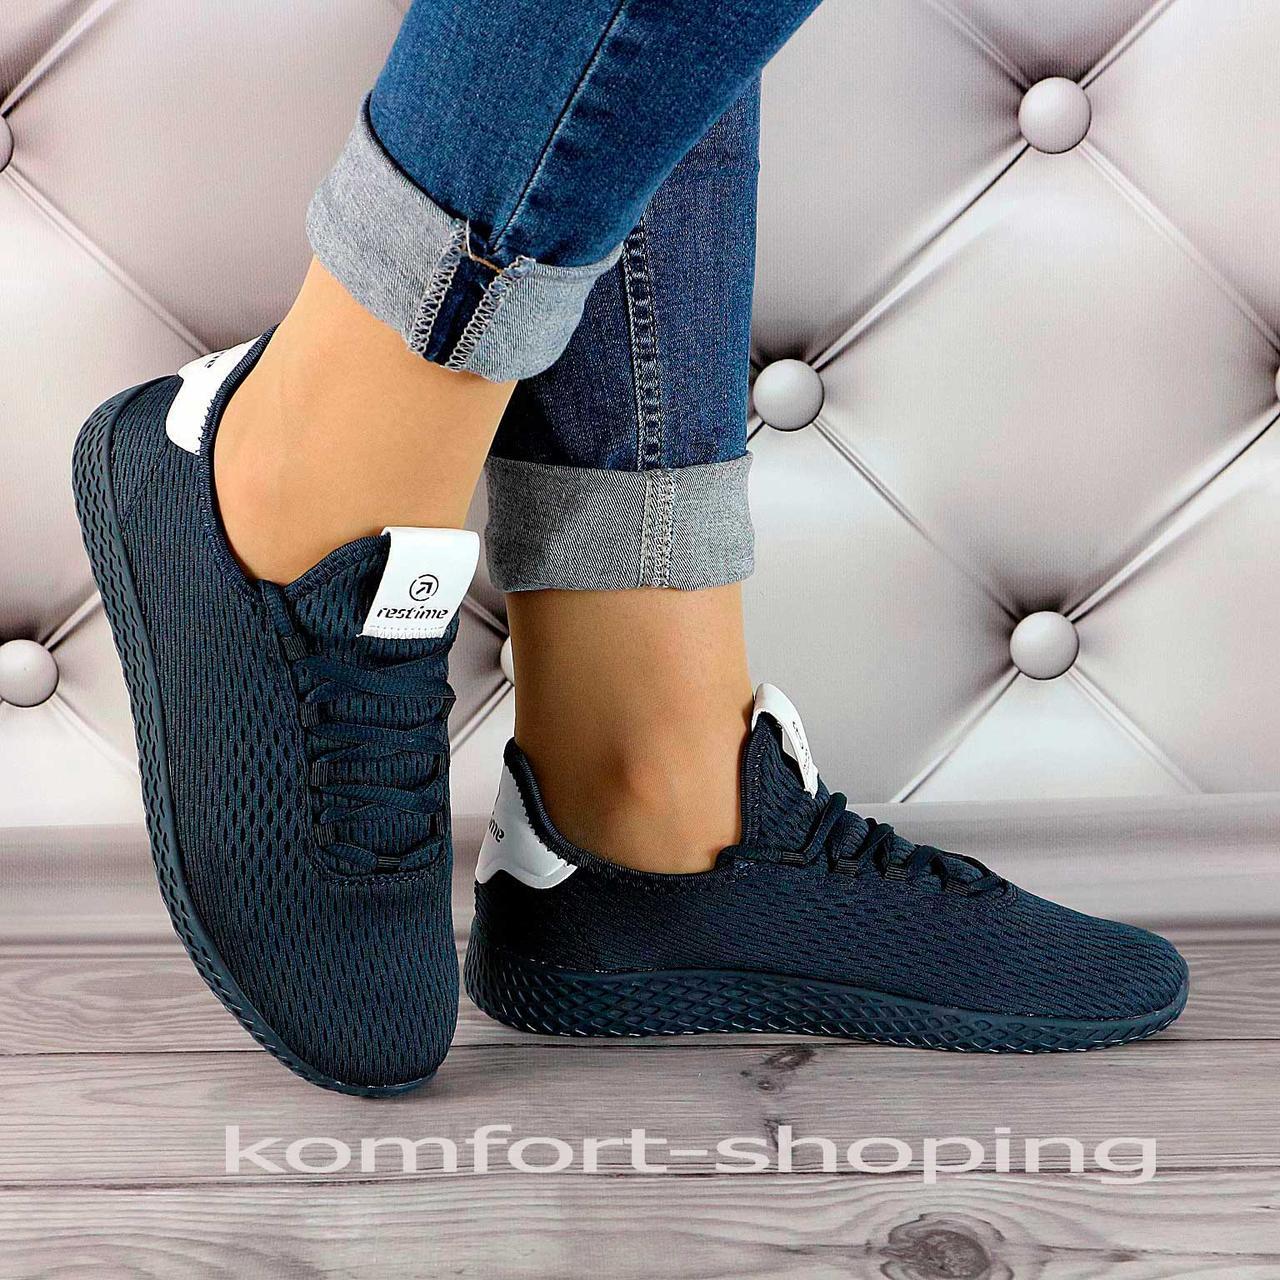 Женские кроссовки на шнуровке, темно-синяя сетка   V 5500